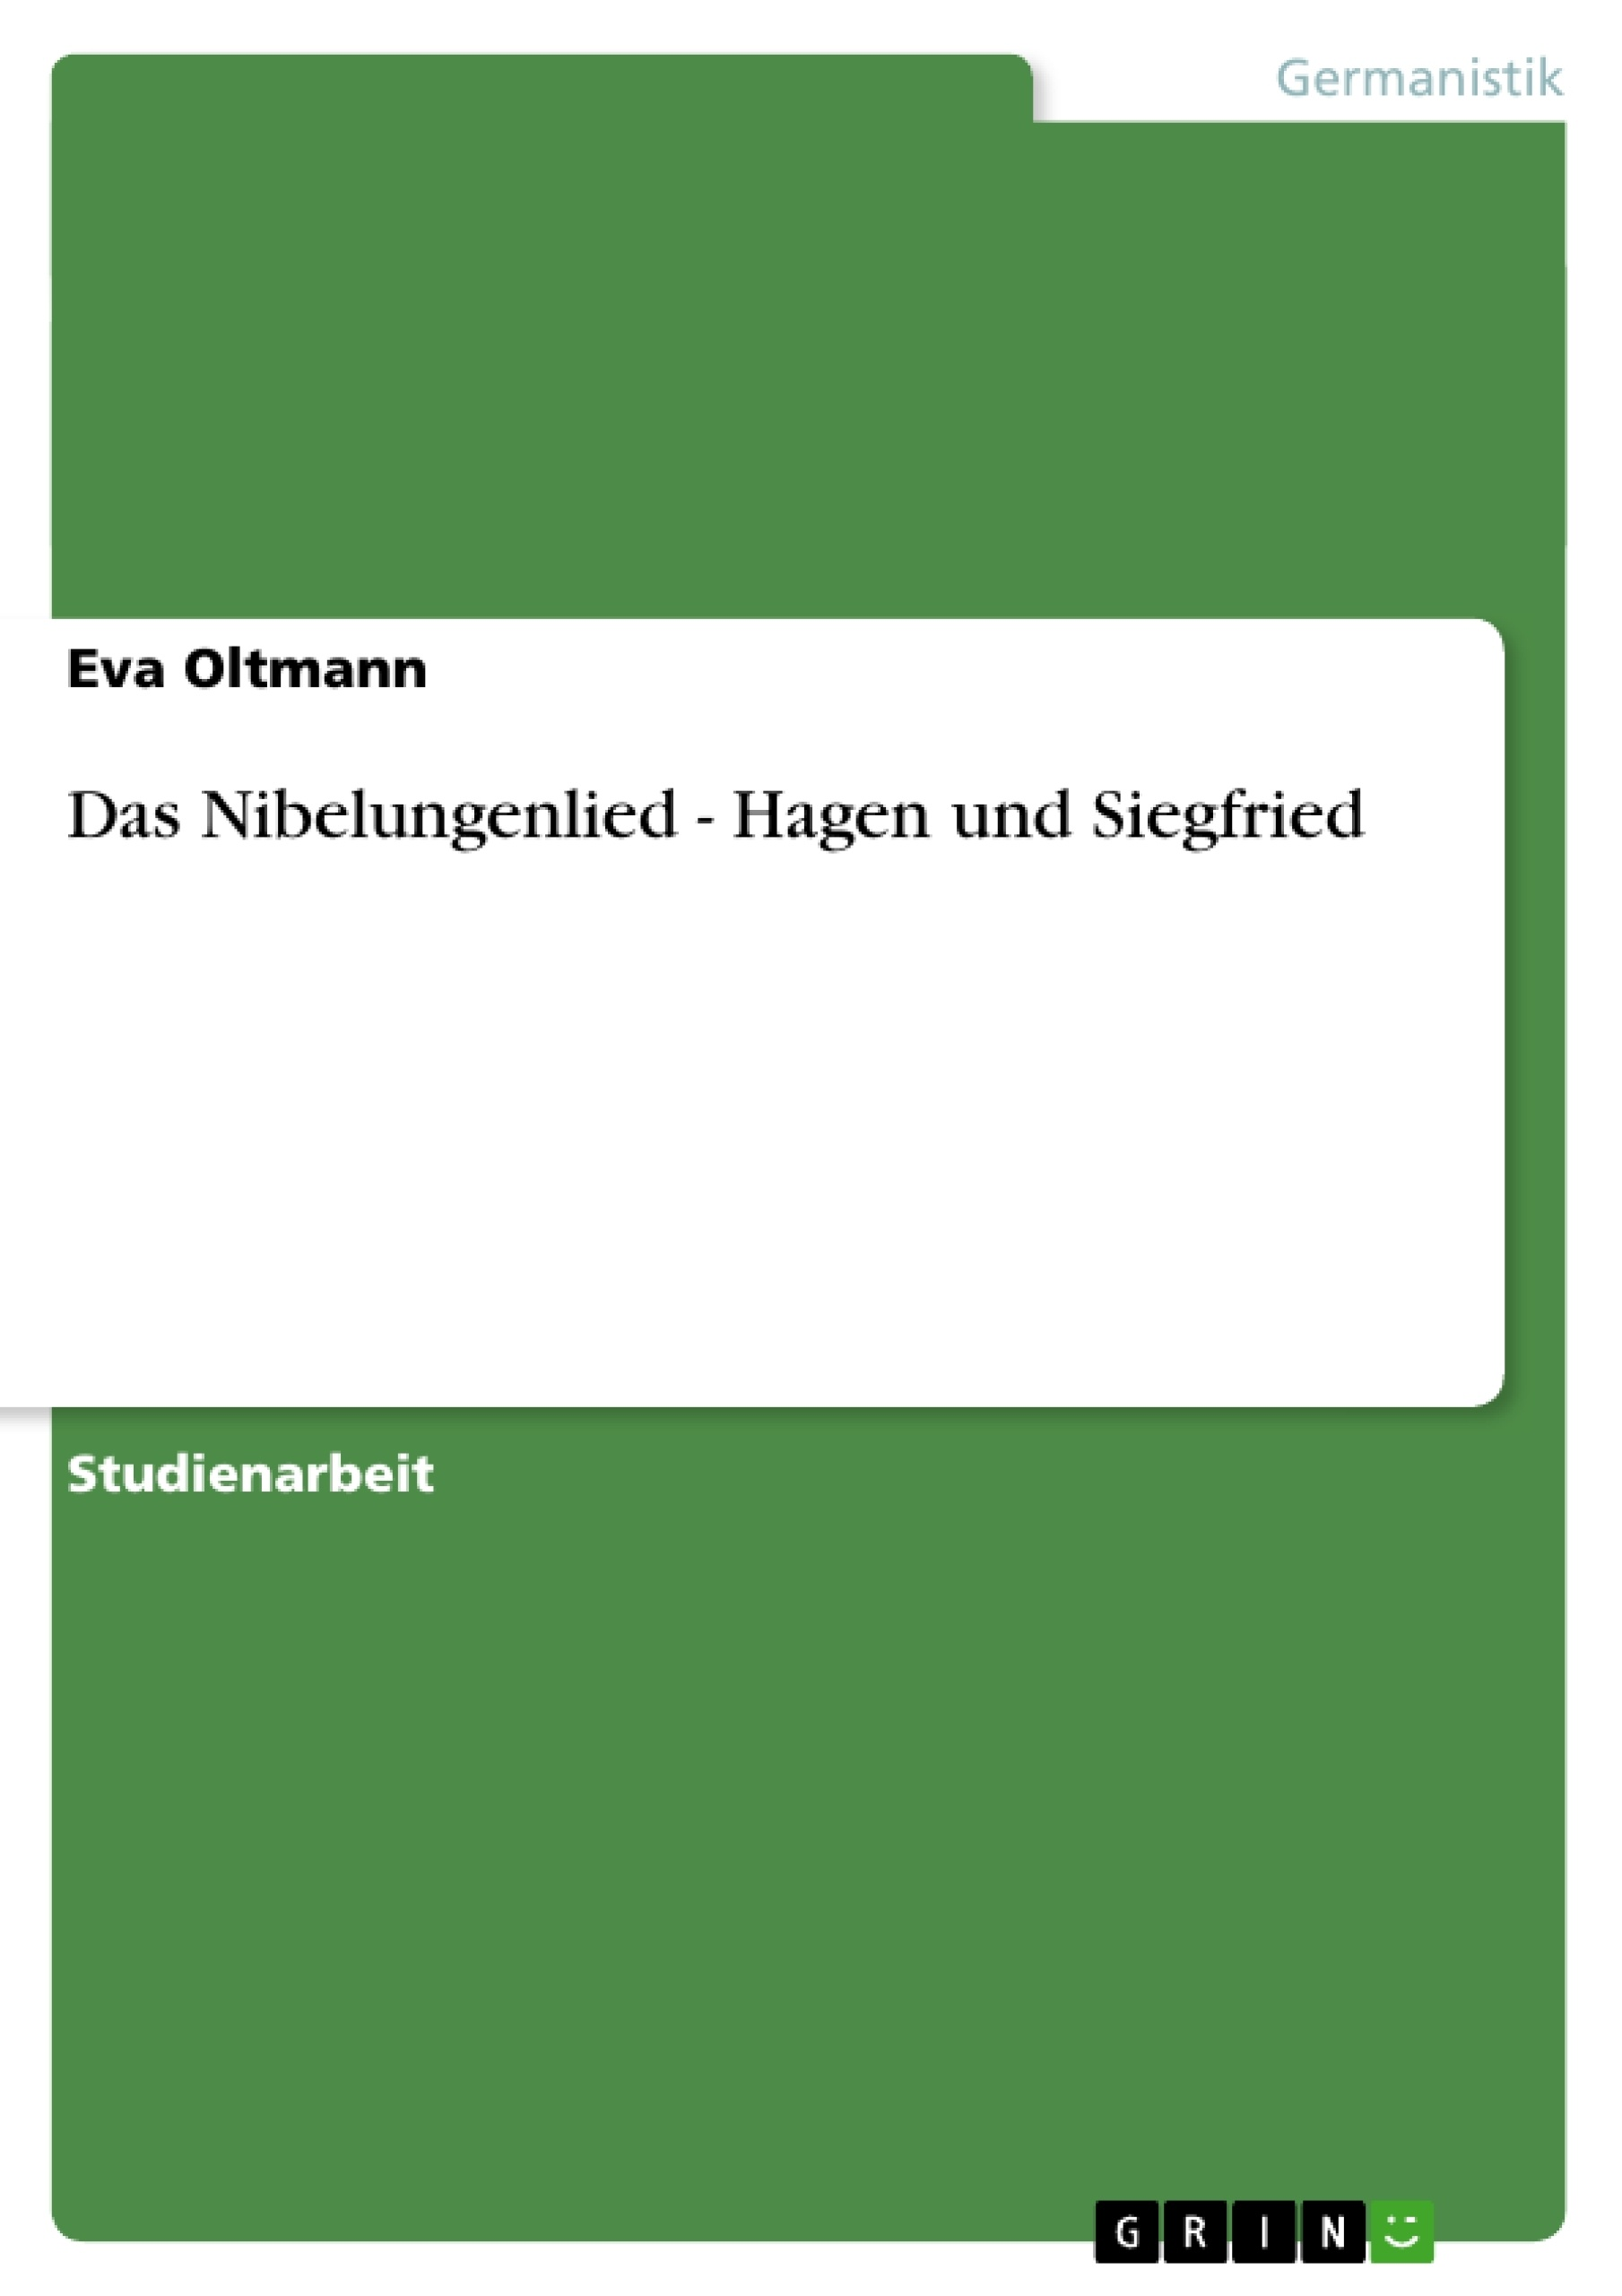 Titel: Das Nibelungenlied - Hagen und Siegfried